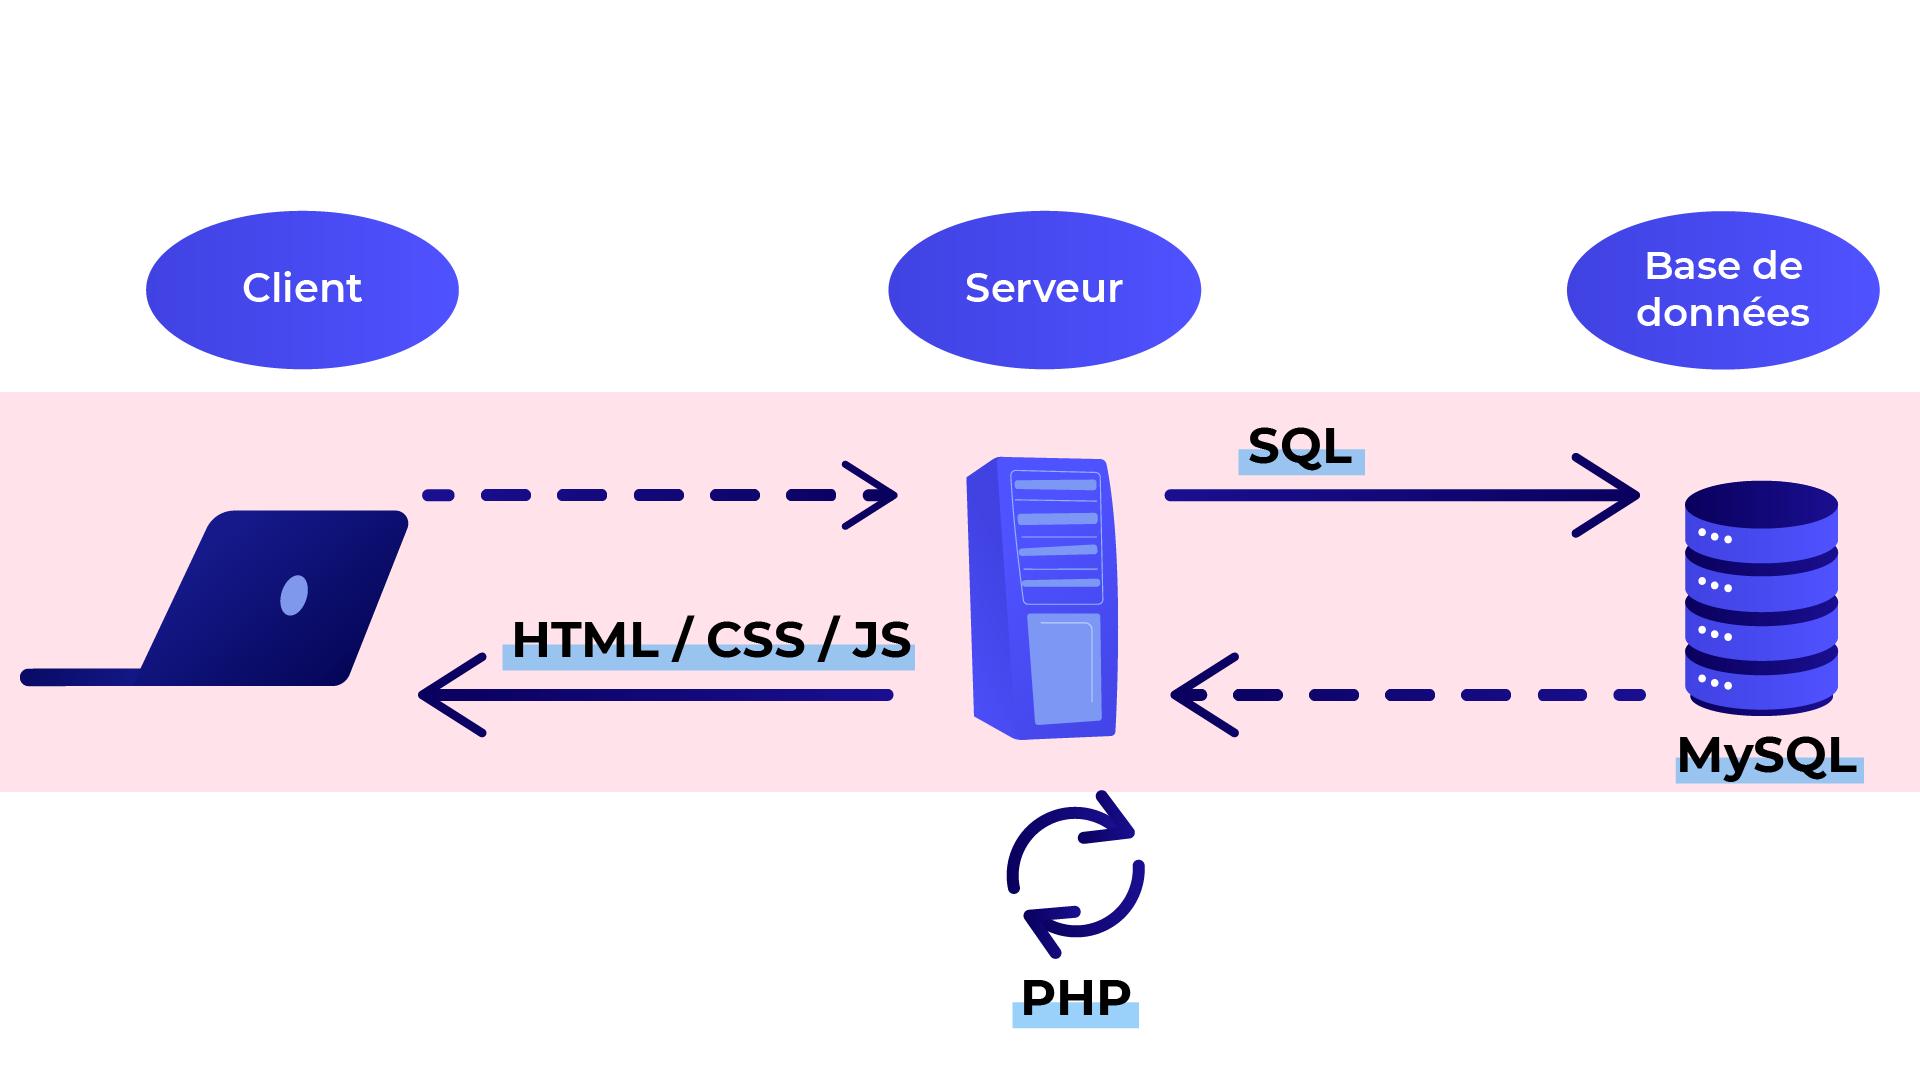 Le serveur utilise le SQL pour communiquer avec la base de données. Le serveur utilise ensuite le langage serveur PHP pour générer la page, et utilise les langages HTML, CSS ou JS pour l'envoyer au client.